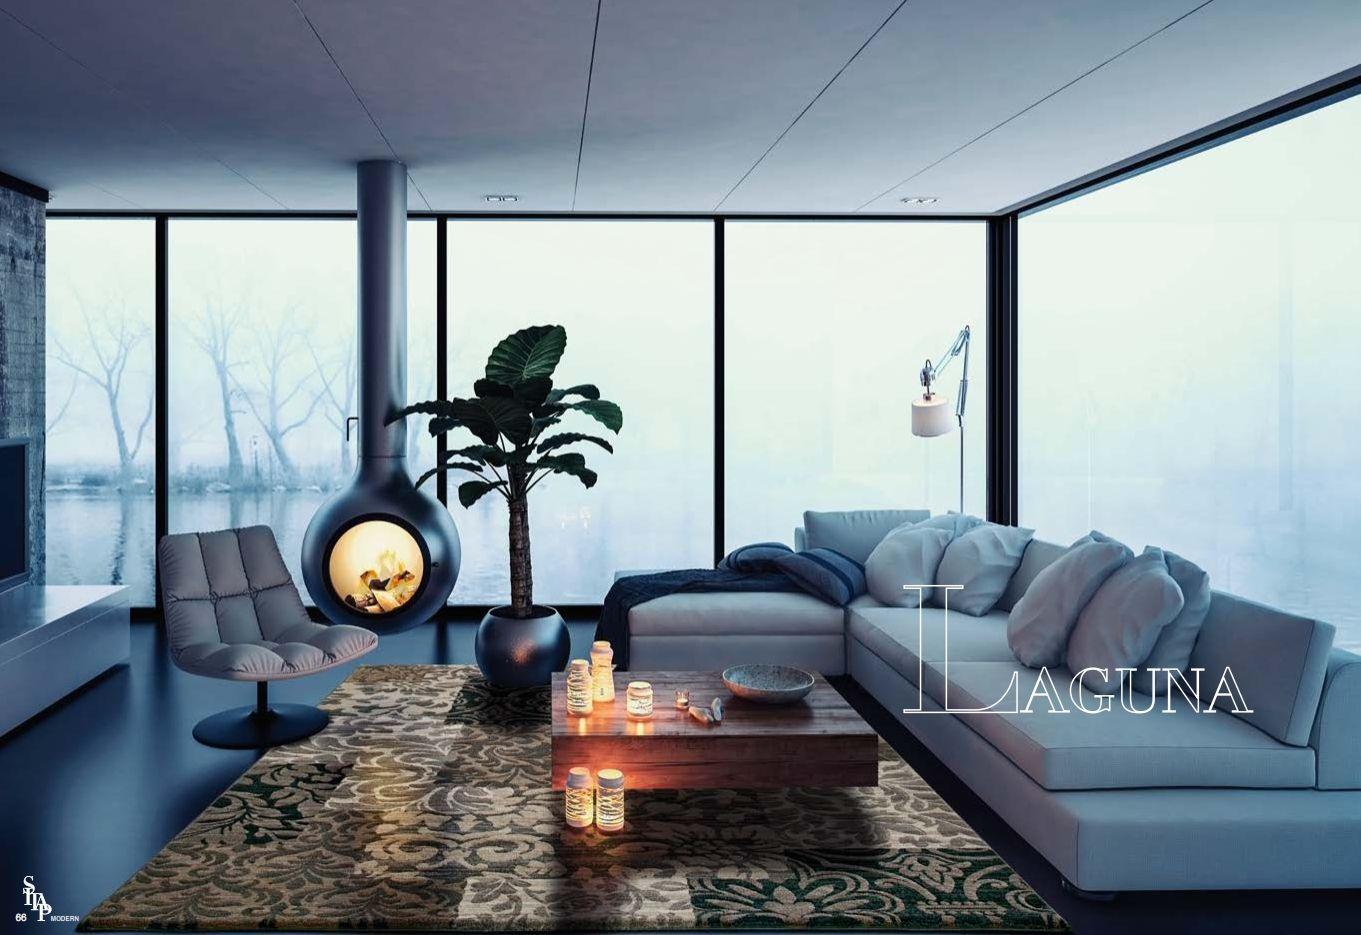 Teppiche - Italienische Teppiche Sitap LAGUNA SerieDie Möbel aus Italien